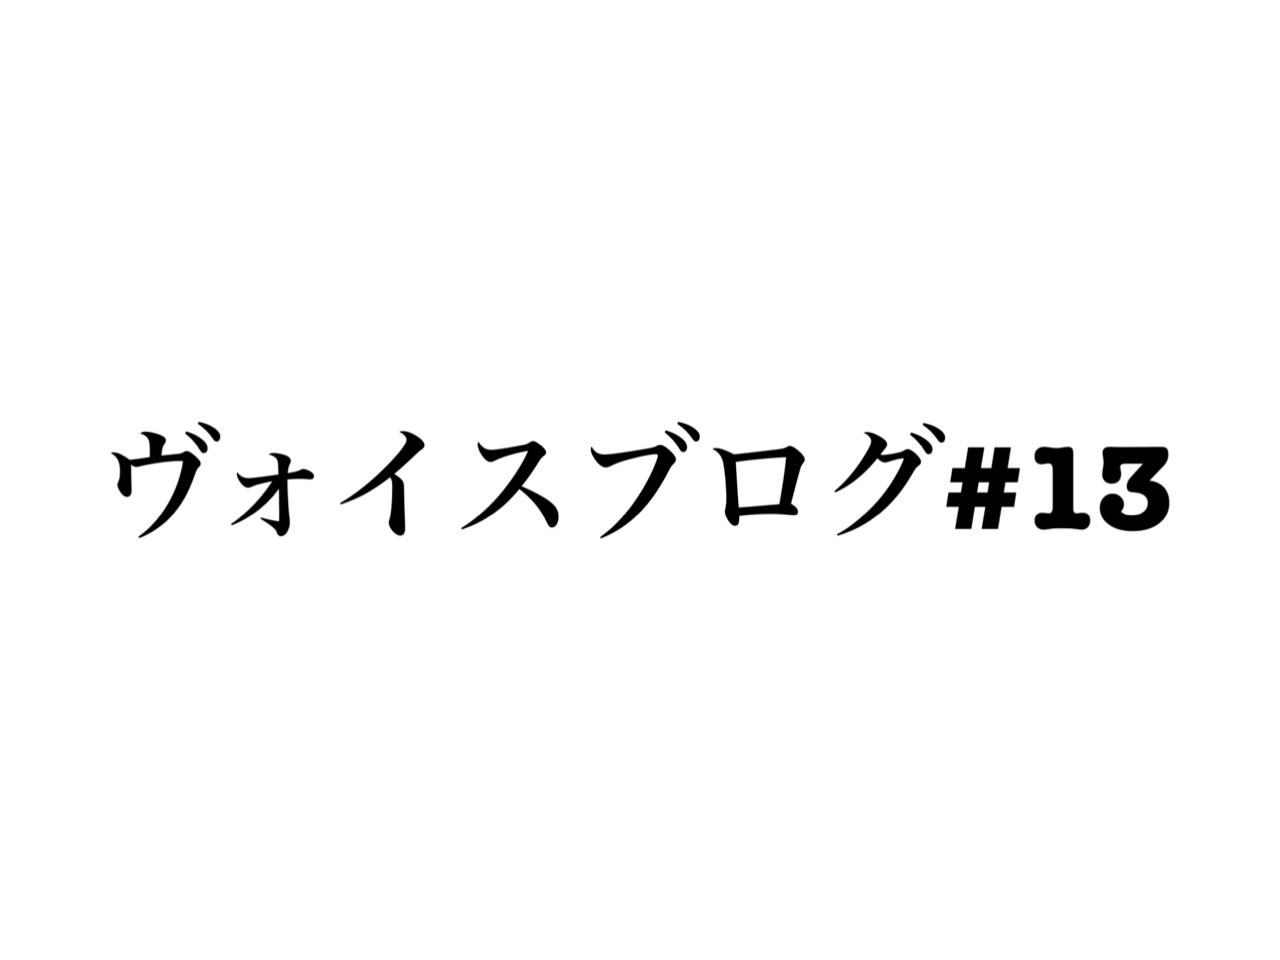 ヴォイスブログ#13